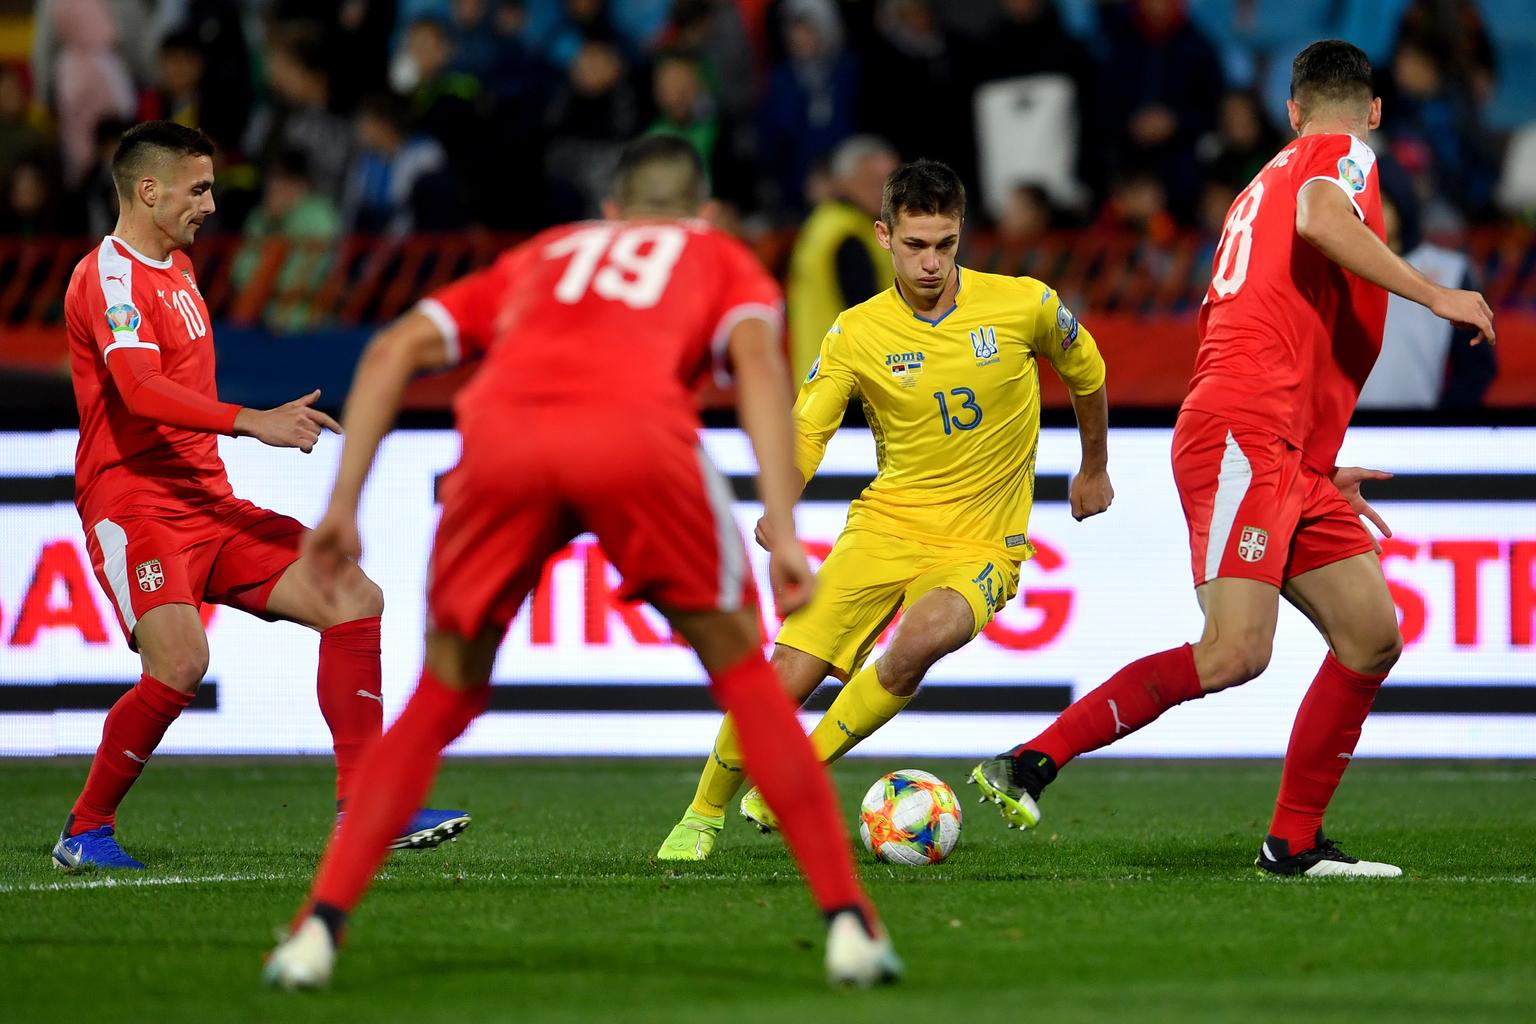 Volodimir Sepelev labdával a szerb védők között a Szerbia – Ukrajna Európa-bajnoki kvalifikációs mérkőzésen Belgrádban 2019. november 17-én #moszkvater